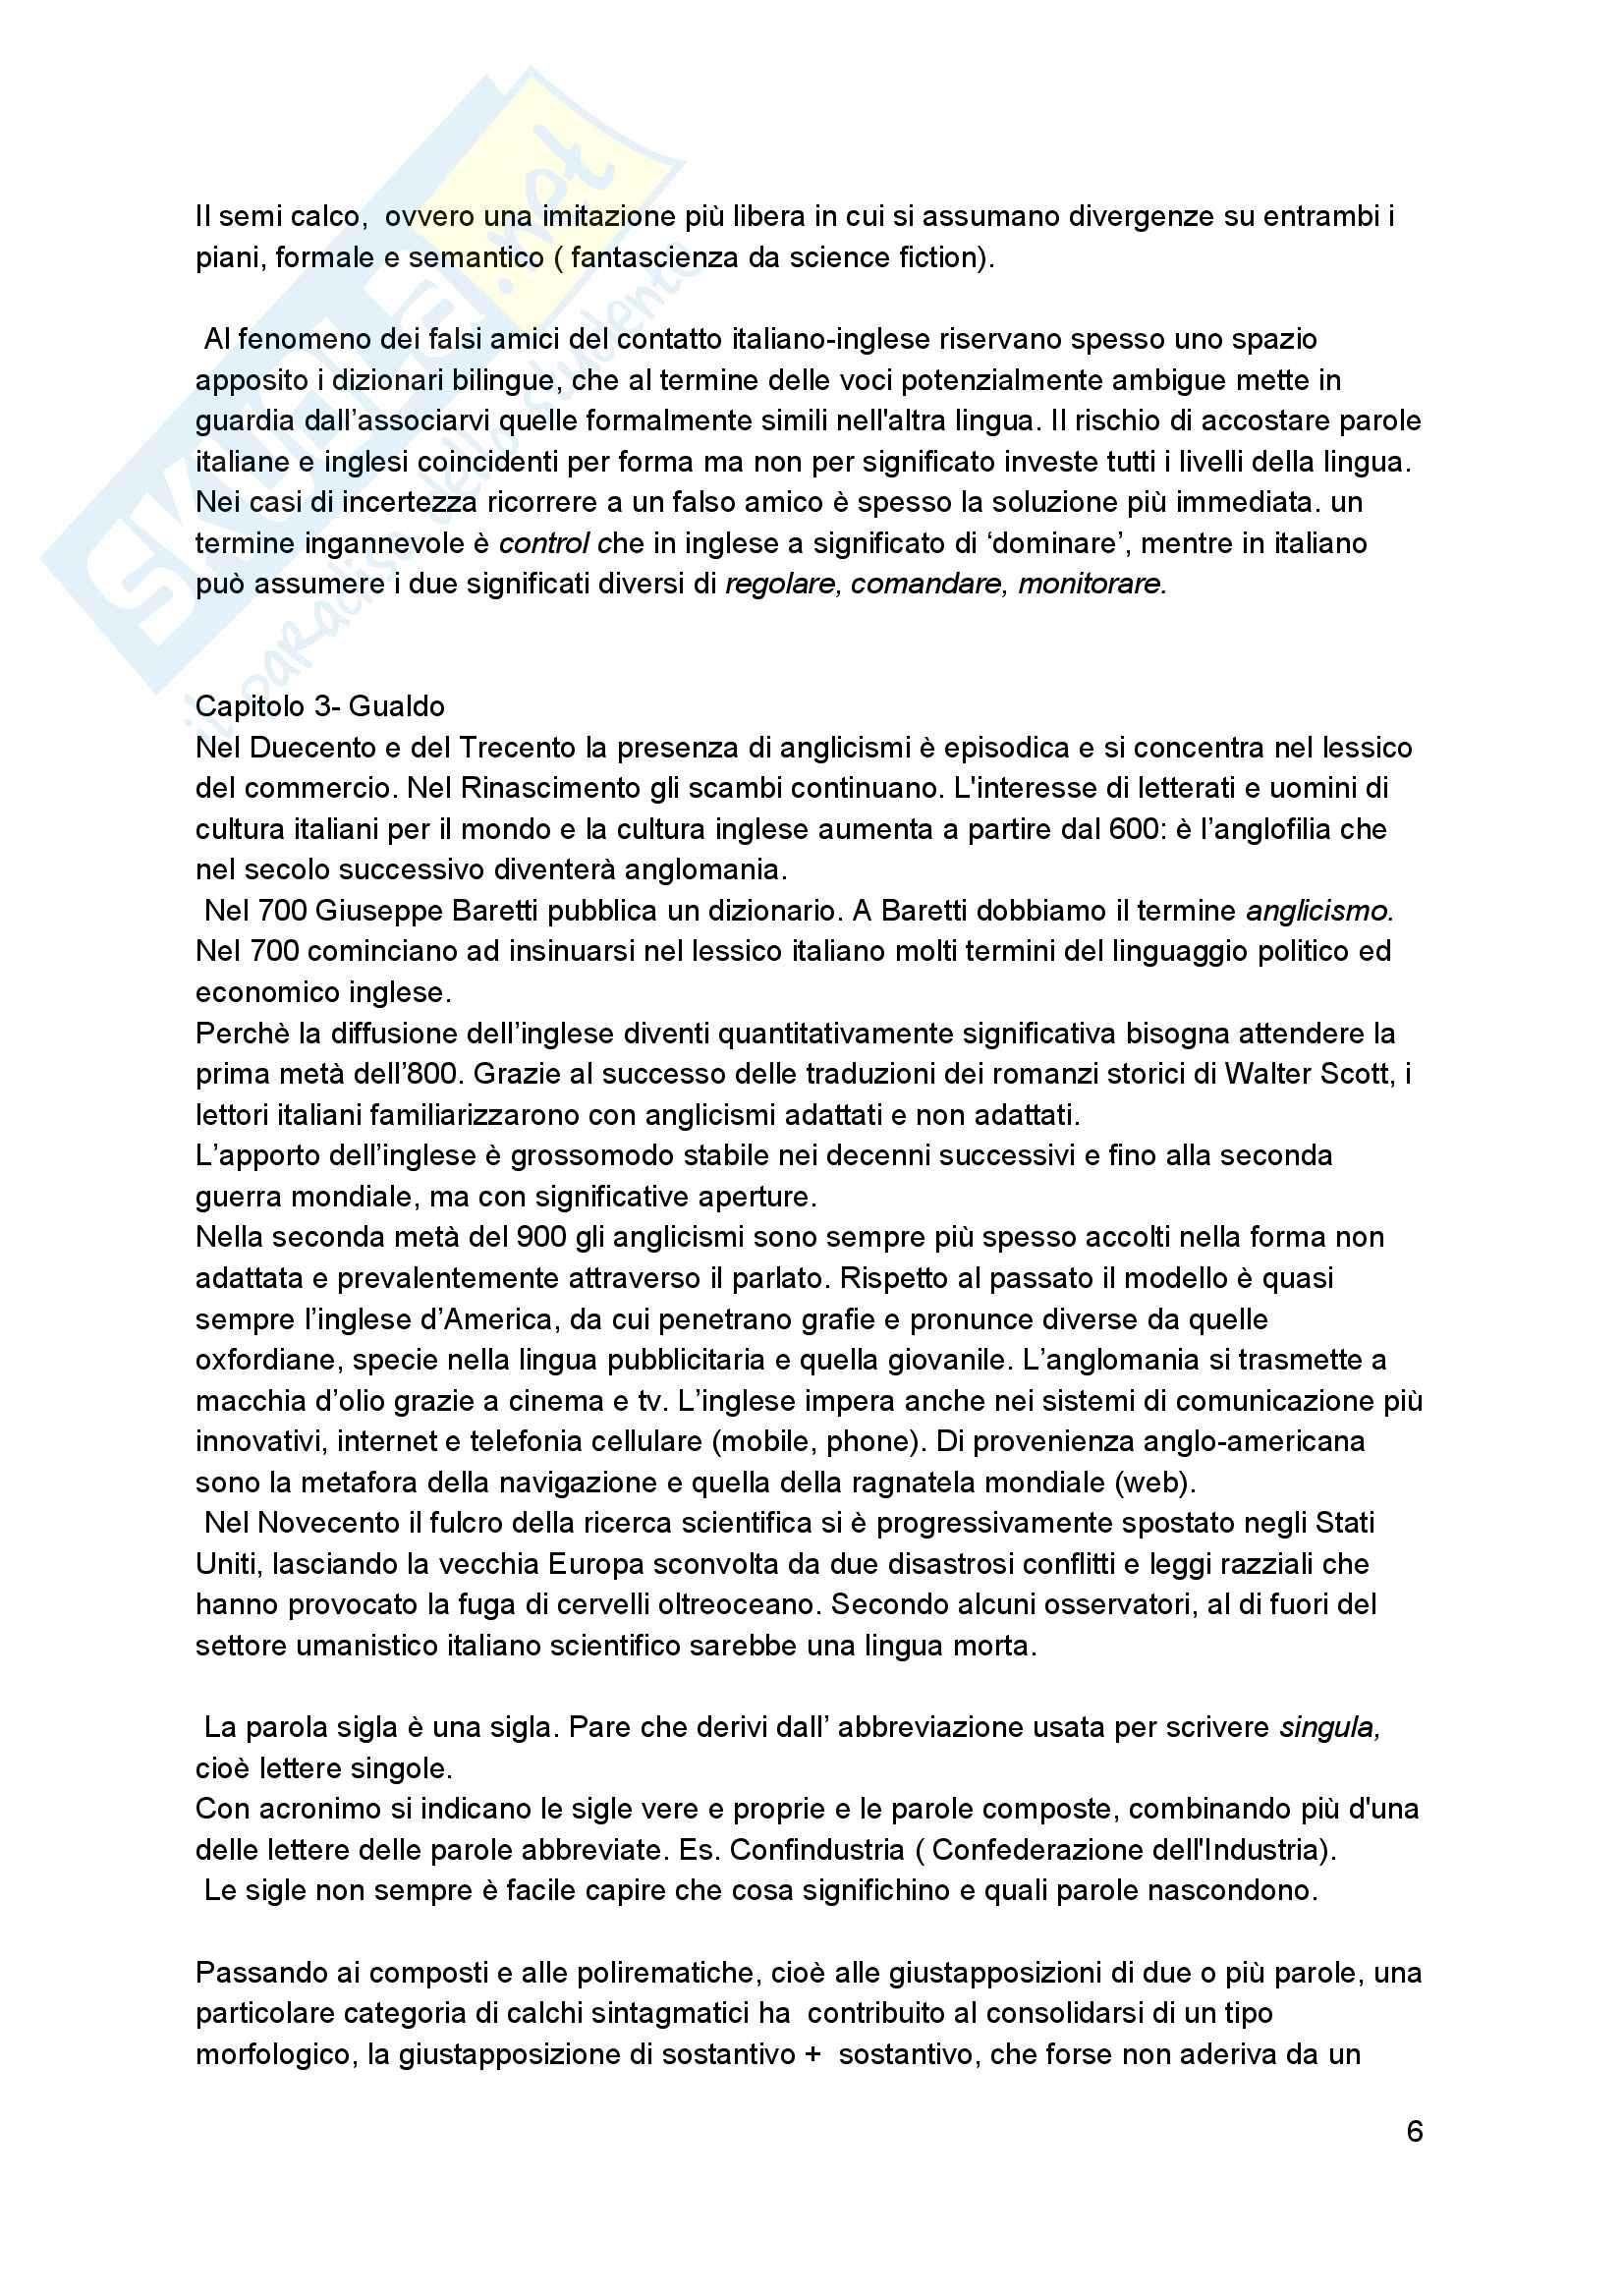 Riassunto esame linguistica italiana, Prof. Claudio Giovanardi, Riccardo Gualdo e Alessandra Coco, libro consigliato Inglese-Italiano 1 a 1, Autori Giovanardi, Gualdo, Coco Pag. 6